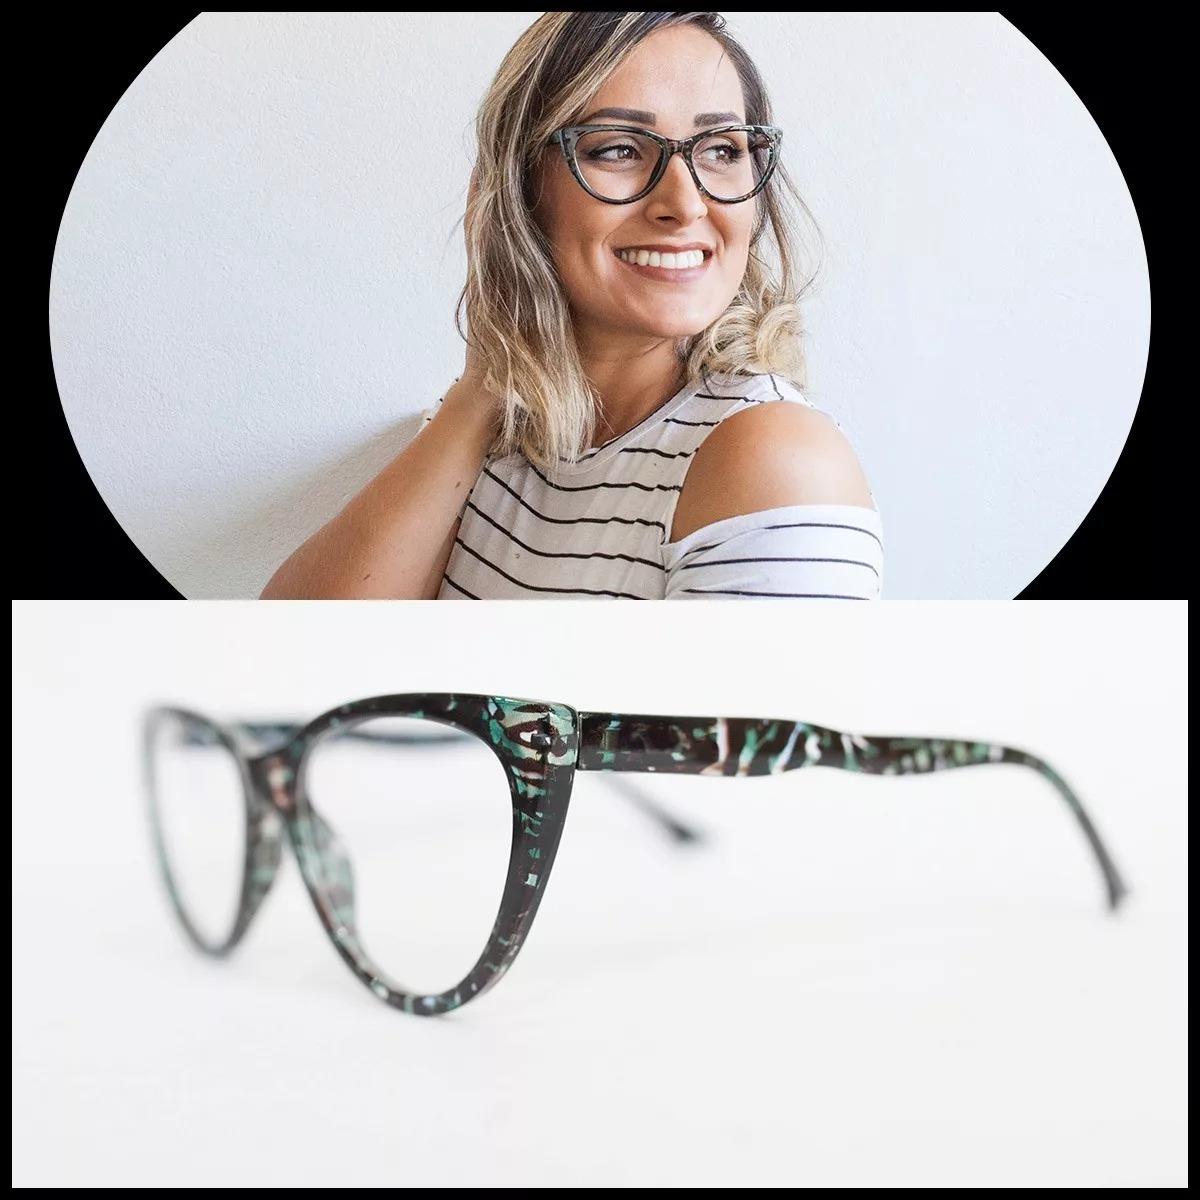 cf7d10e4d 2 Armações Óculos Feminino Lente Sem Grau Fy115/zf8823 - R$ 111,94 em  Mercado Livre